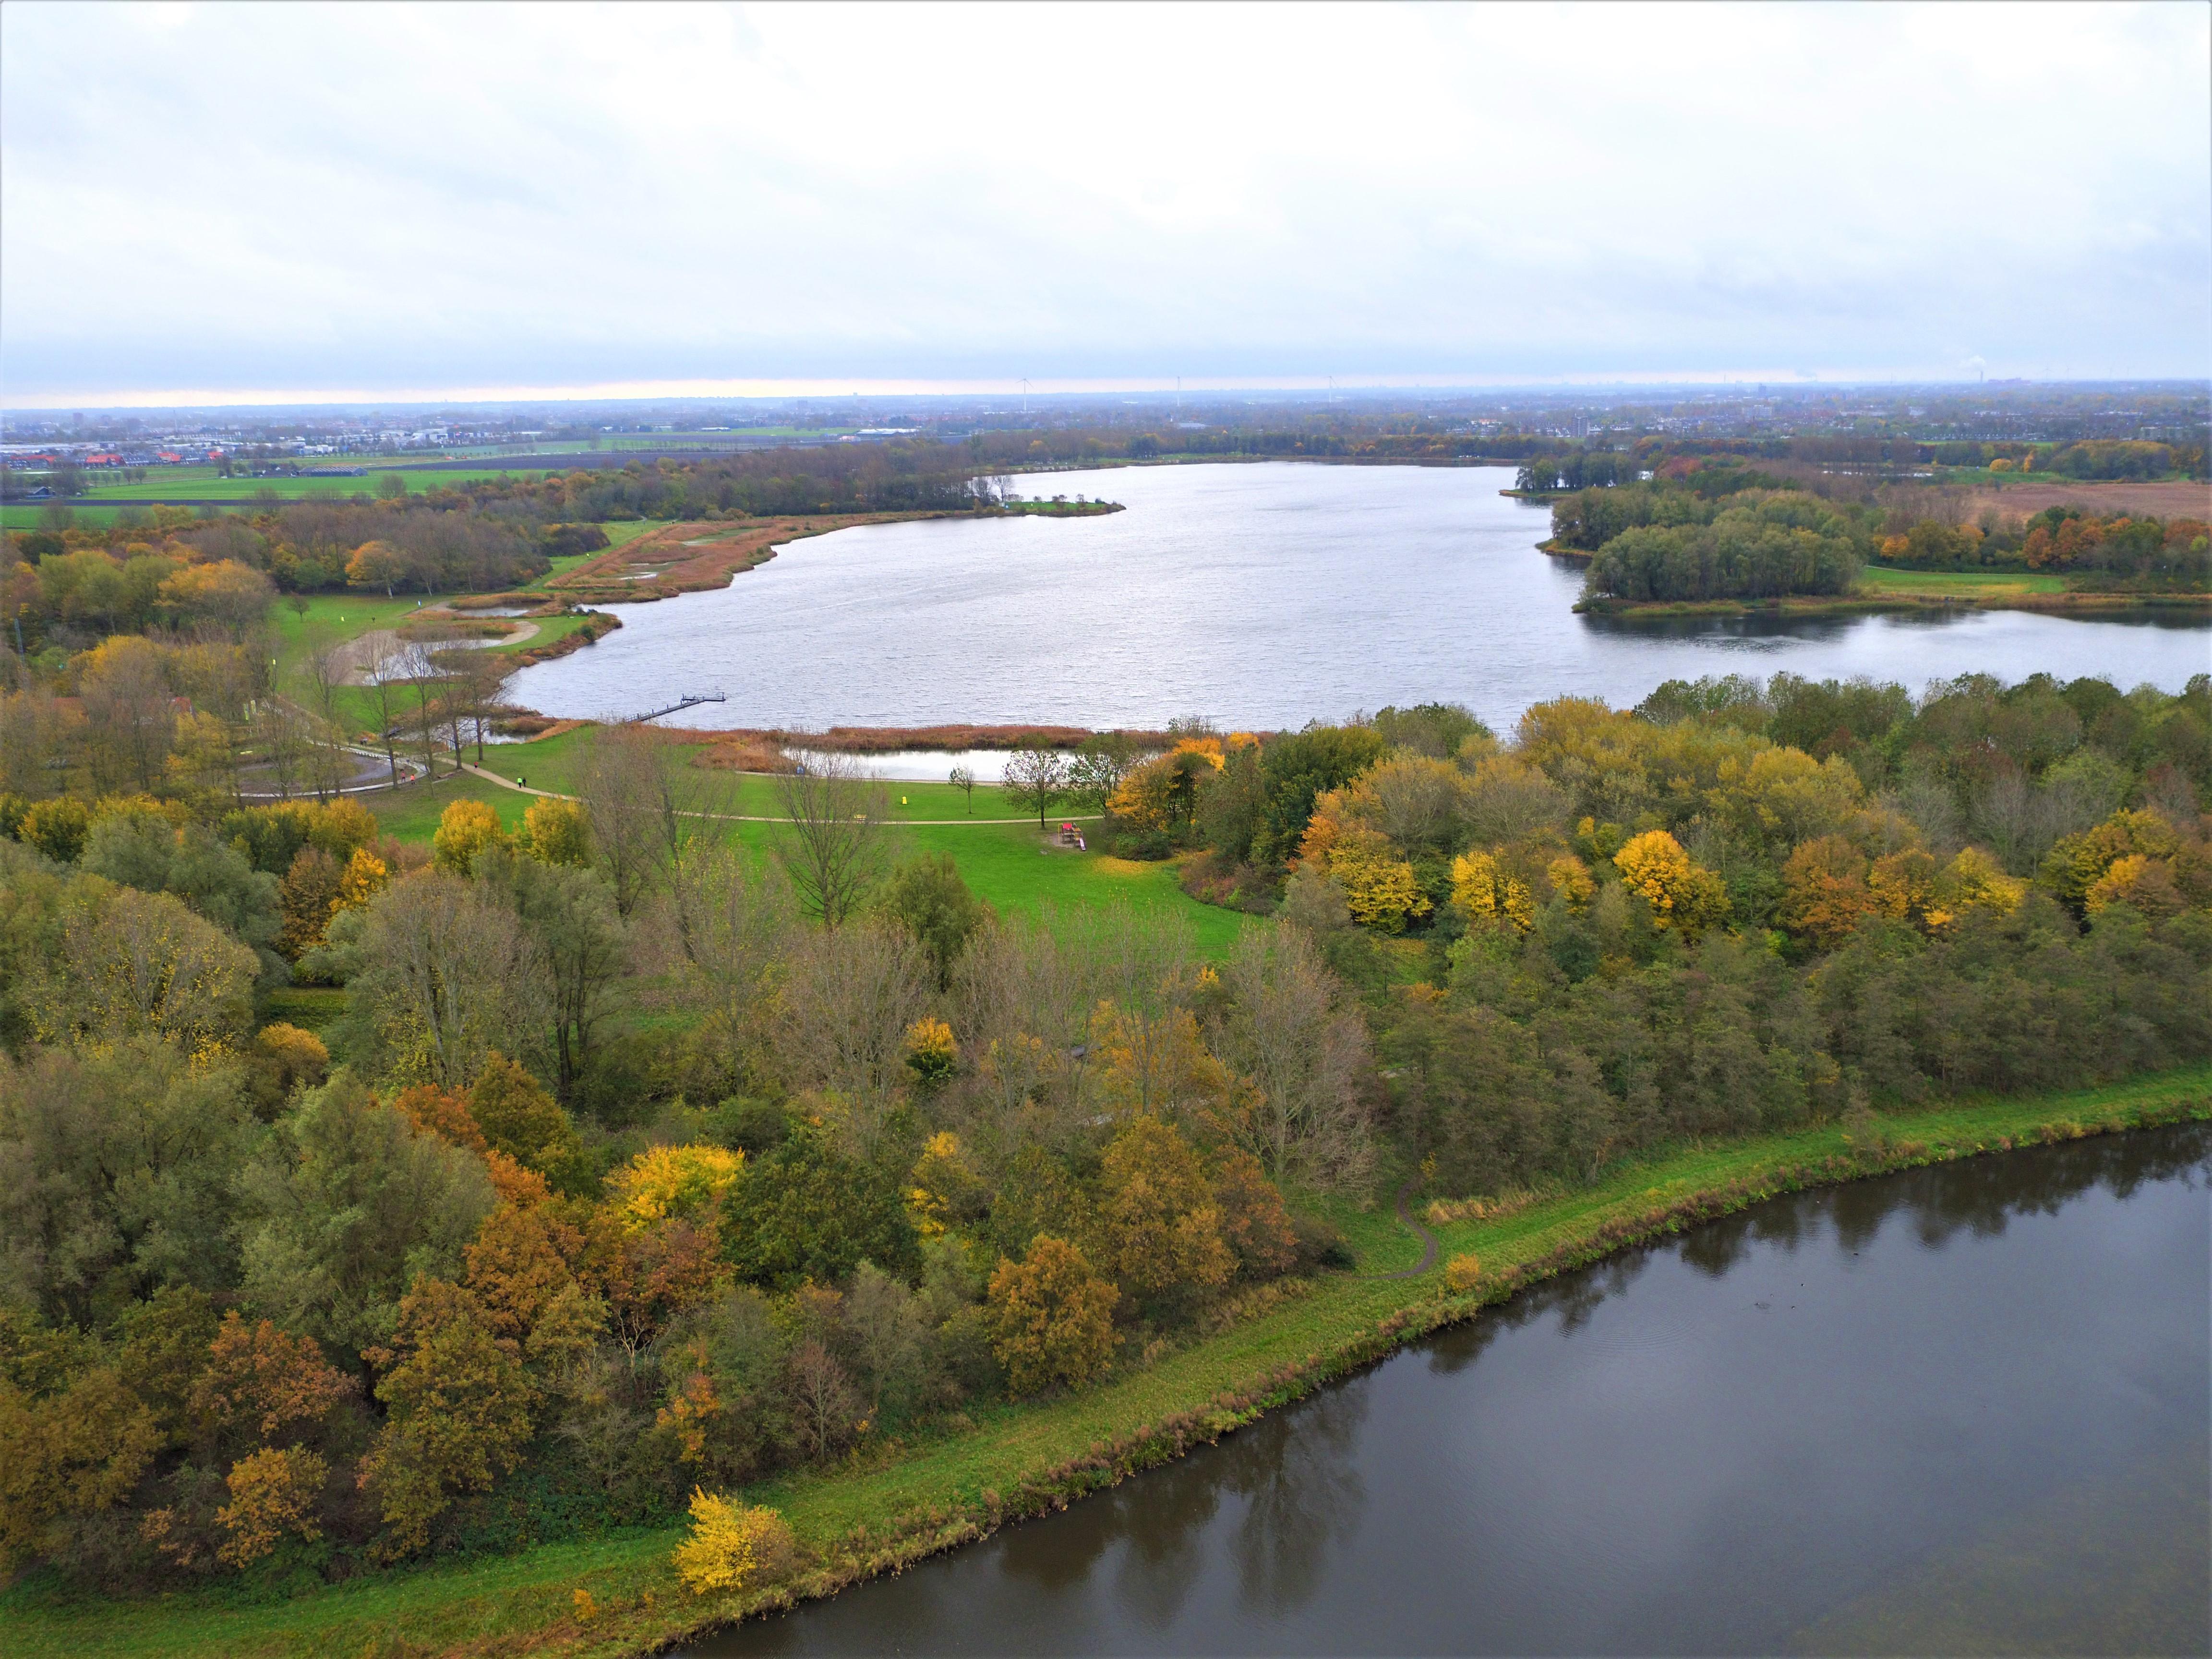 GroenLinks wil vooral natuur in recreatiegebied Geestmerambacht en een hogere bijdrage van Alkmaar, Langedijk en Heerhugowaard